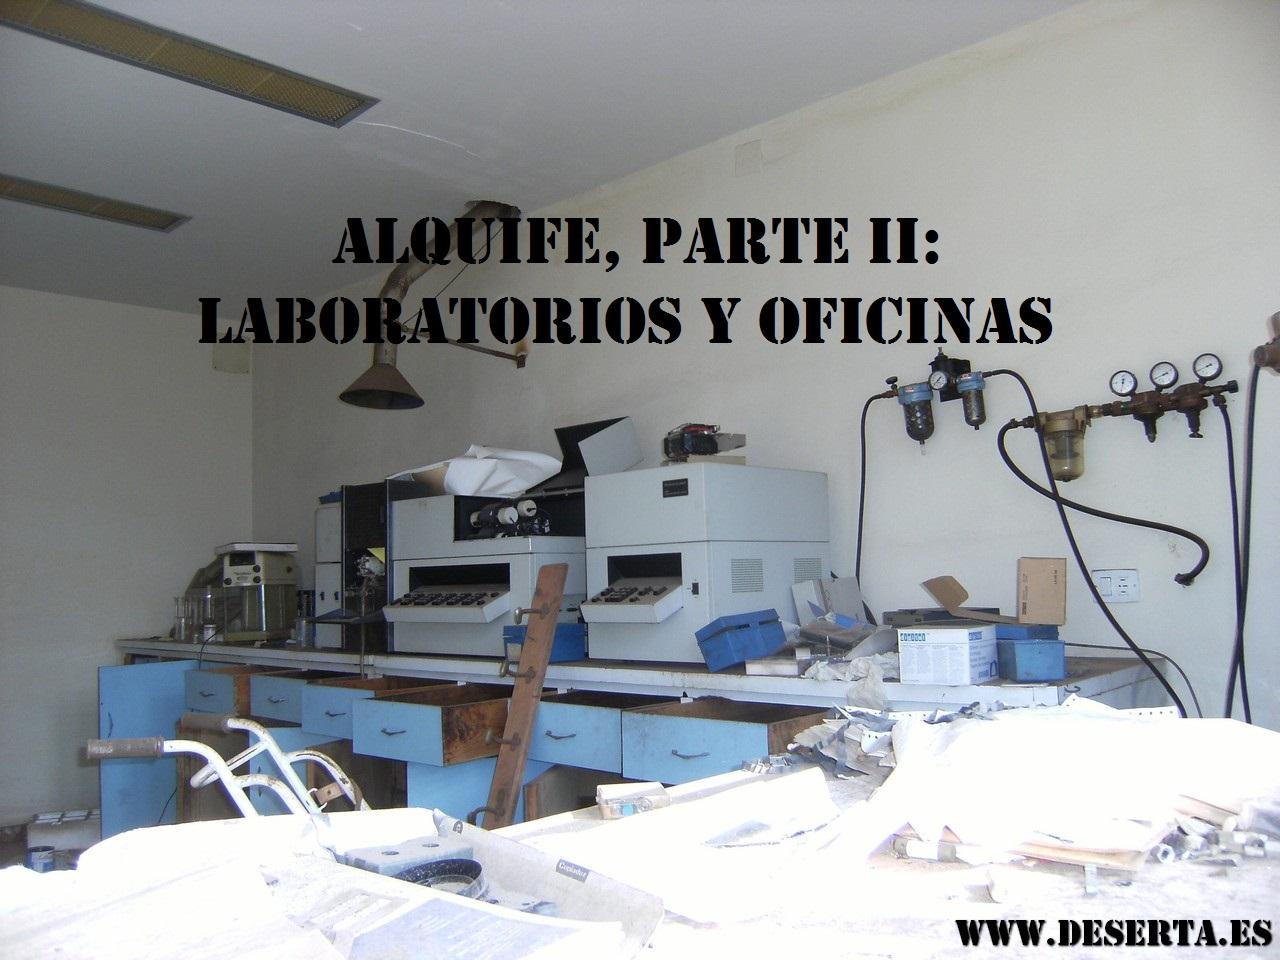 Alquife Parte II Laboratorios y Oficinas